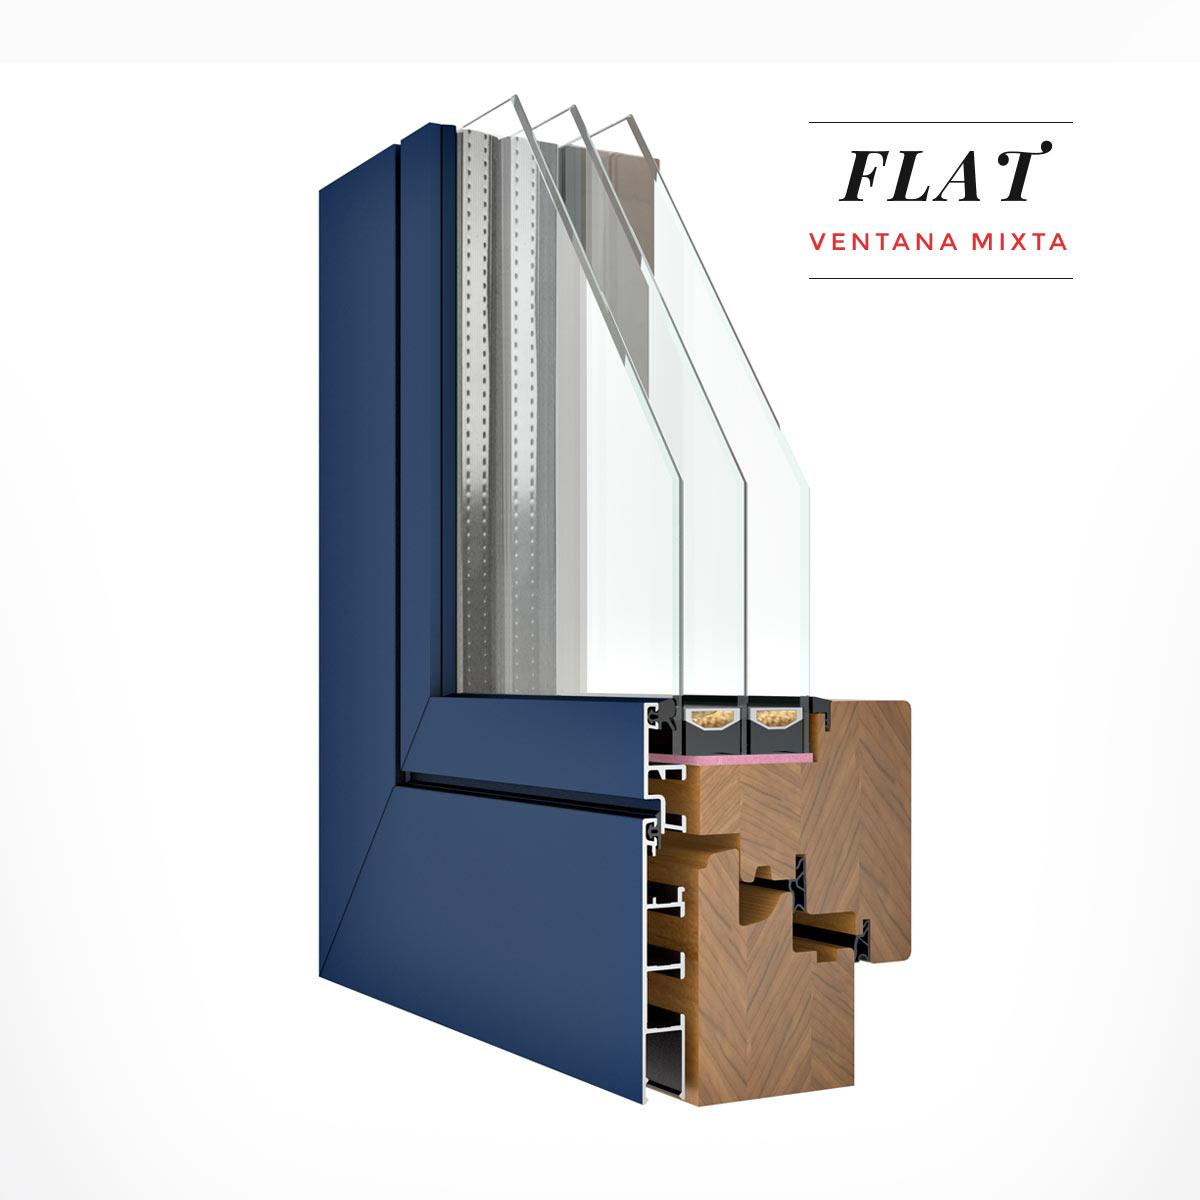 Carreté Finestres - finestra de fusta de pi i alumini exterior Flat mixta